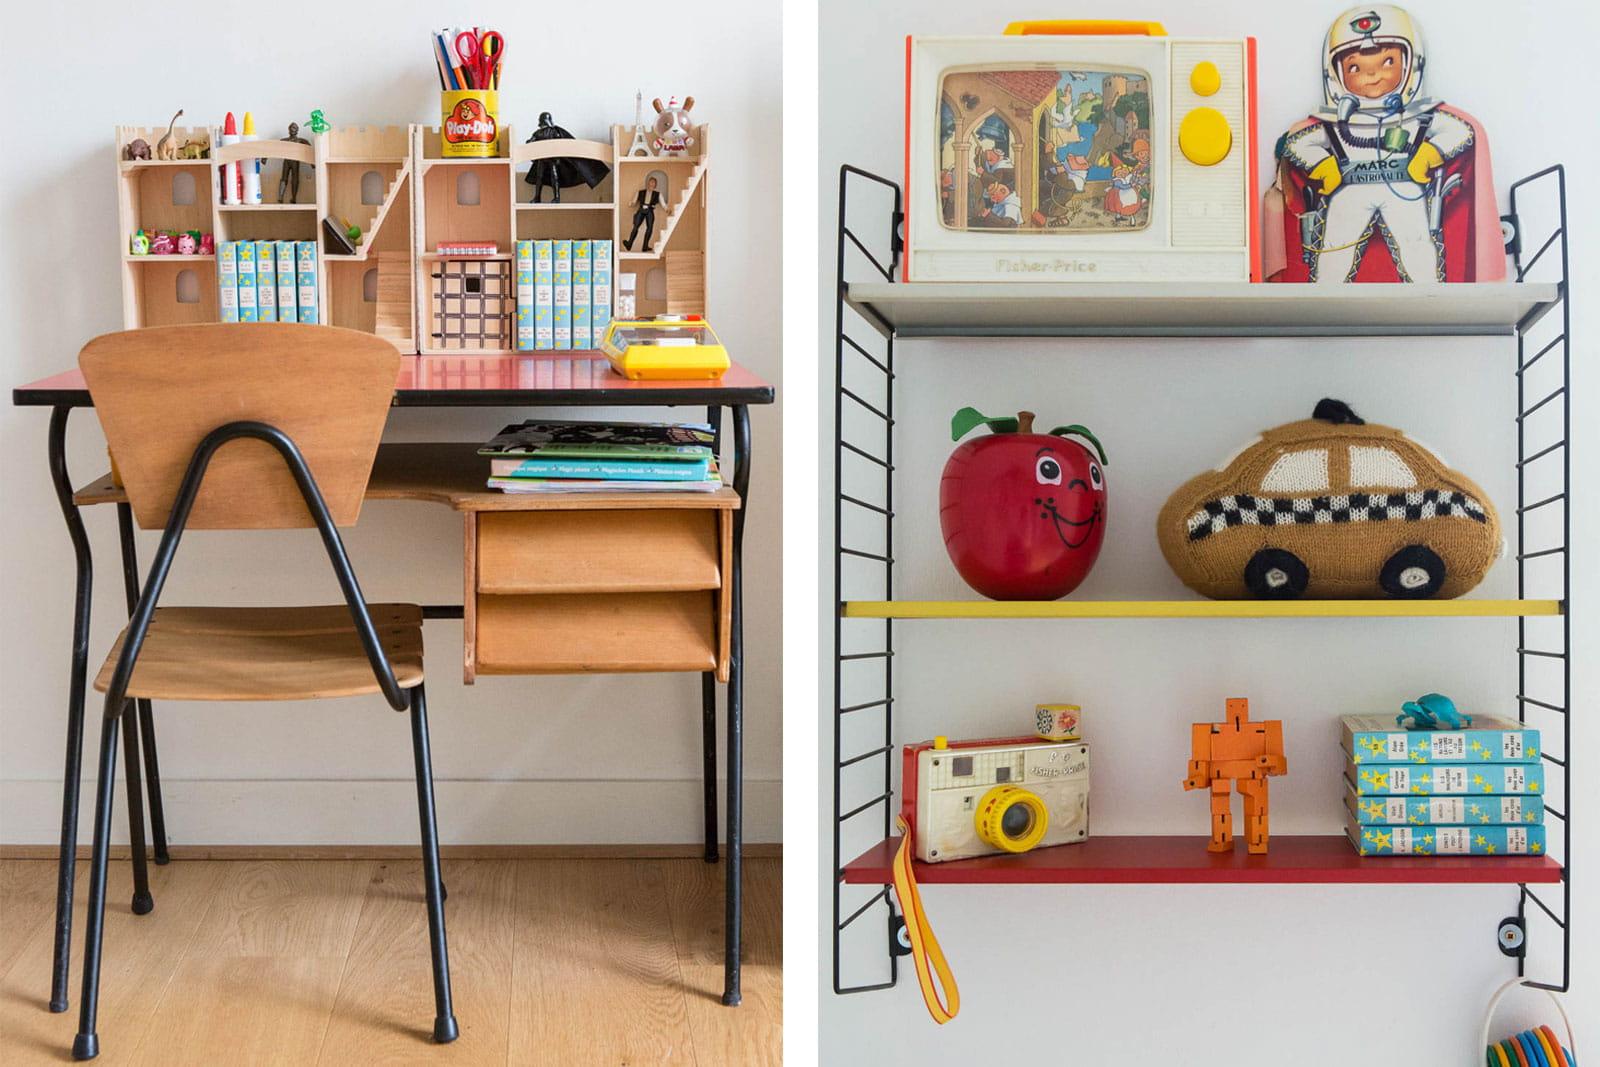 Bureau pour enfant un int rieur mi vintage mi indus 39 et 100 cr atif - Bureau original enfant ...